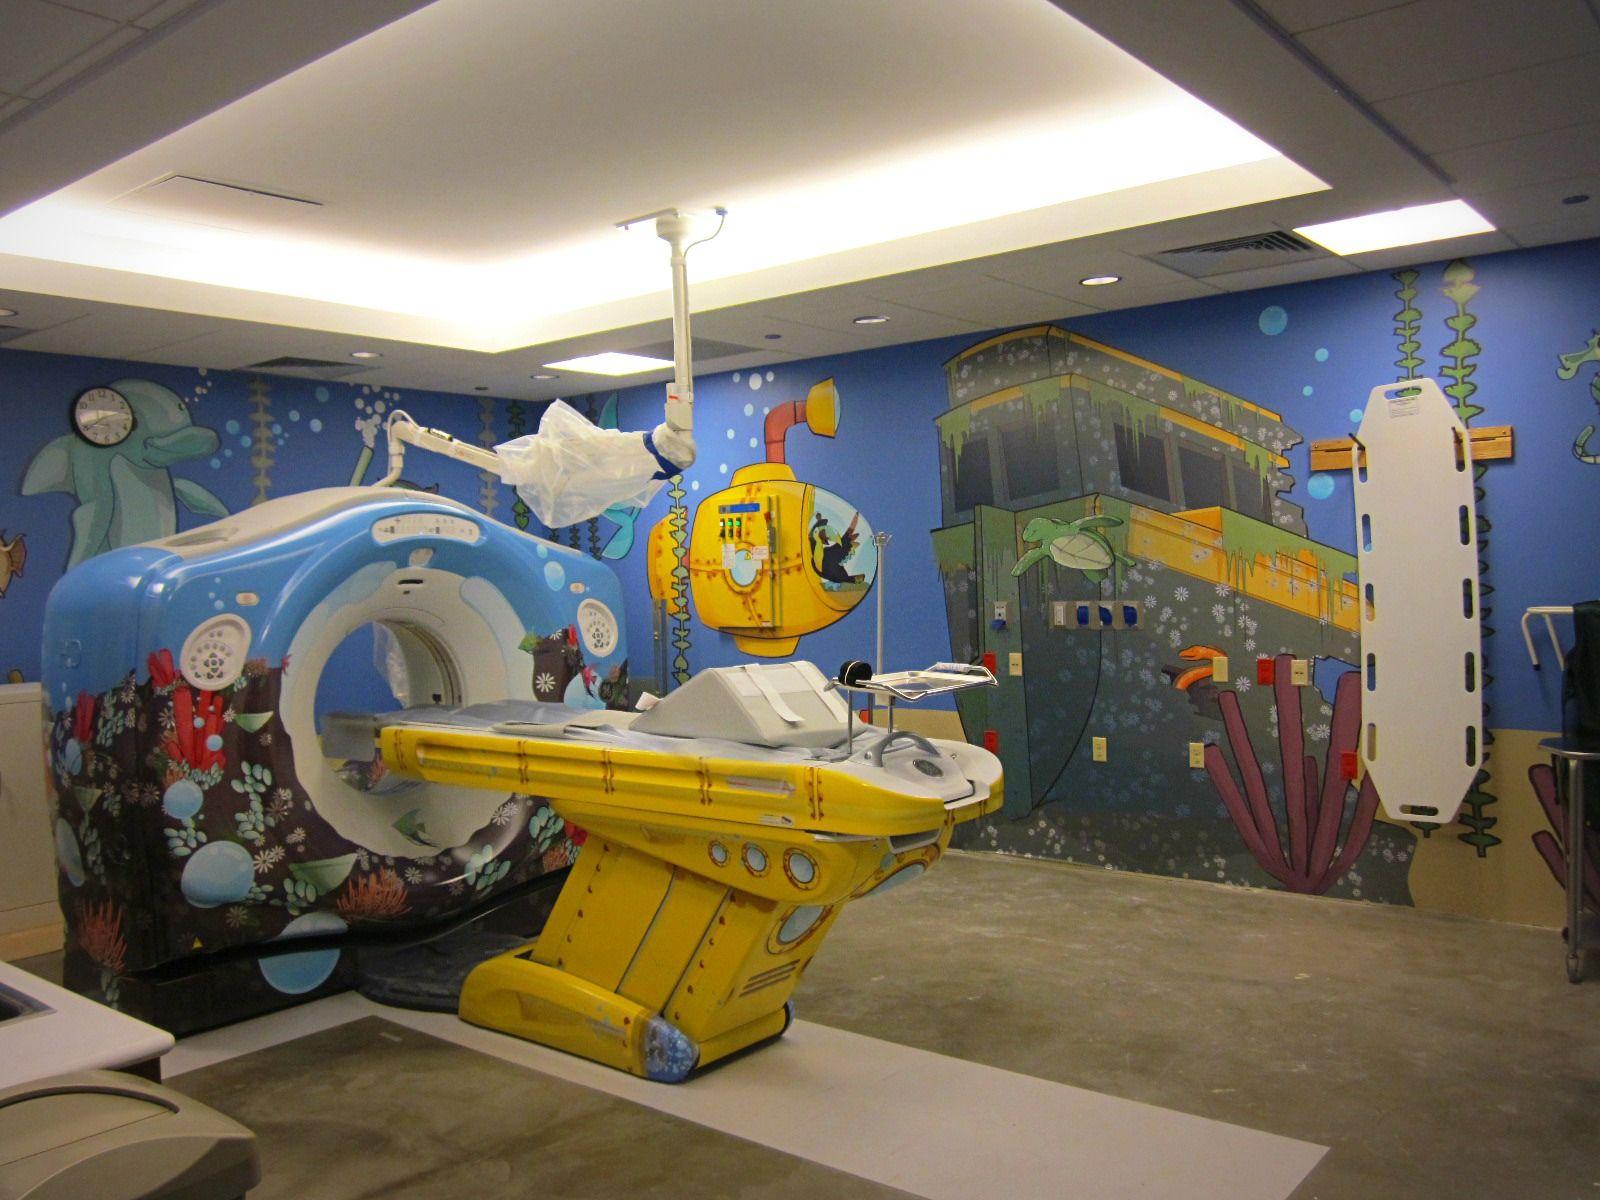 Hospitals create imaging adventures for pediatric